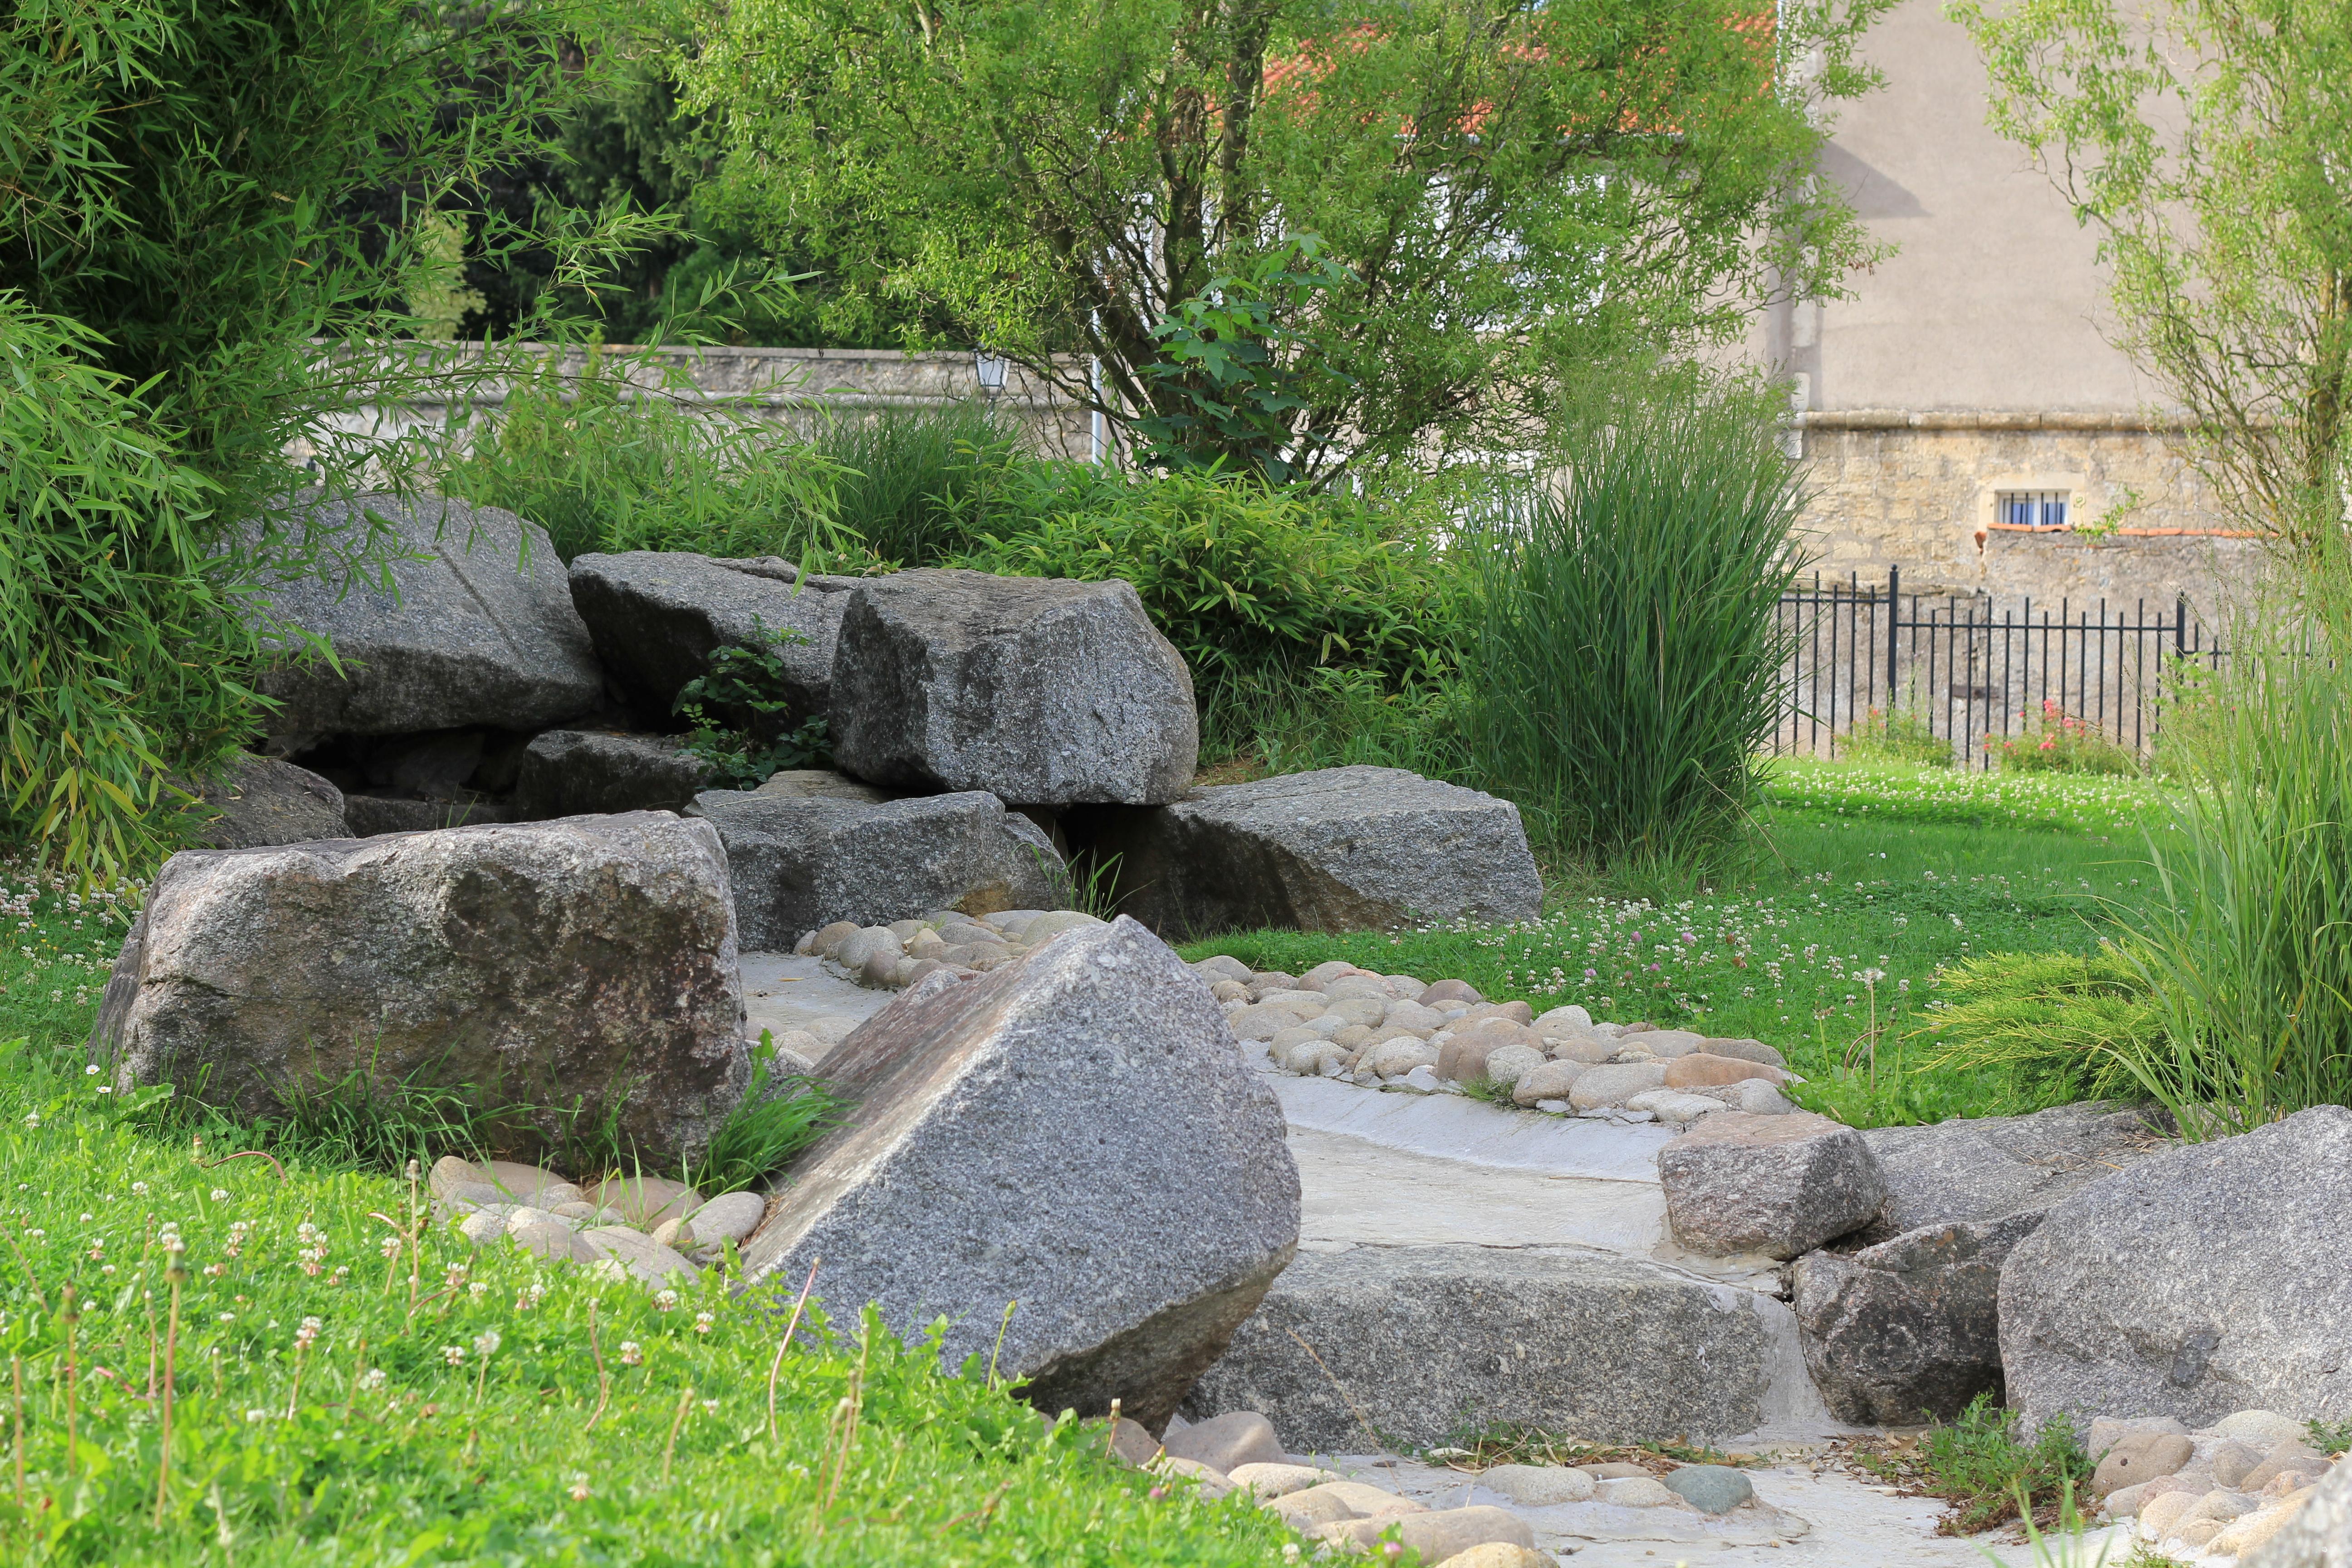 File Jardin japonais de ludres Rivi¨re s¨che Wikimedia mons